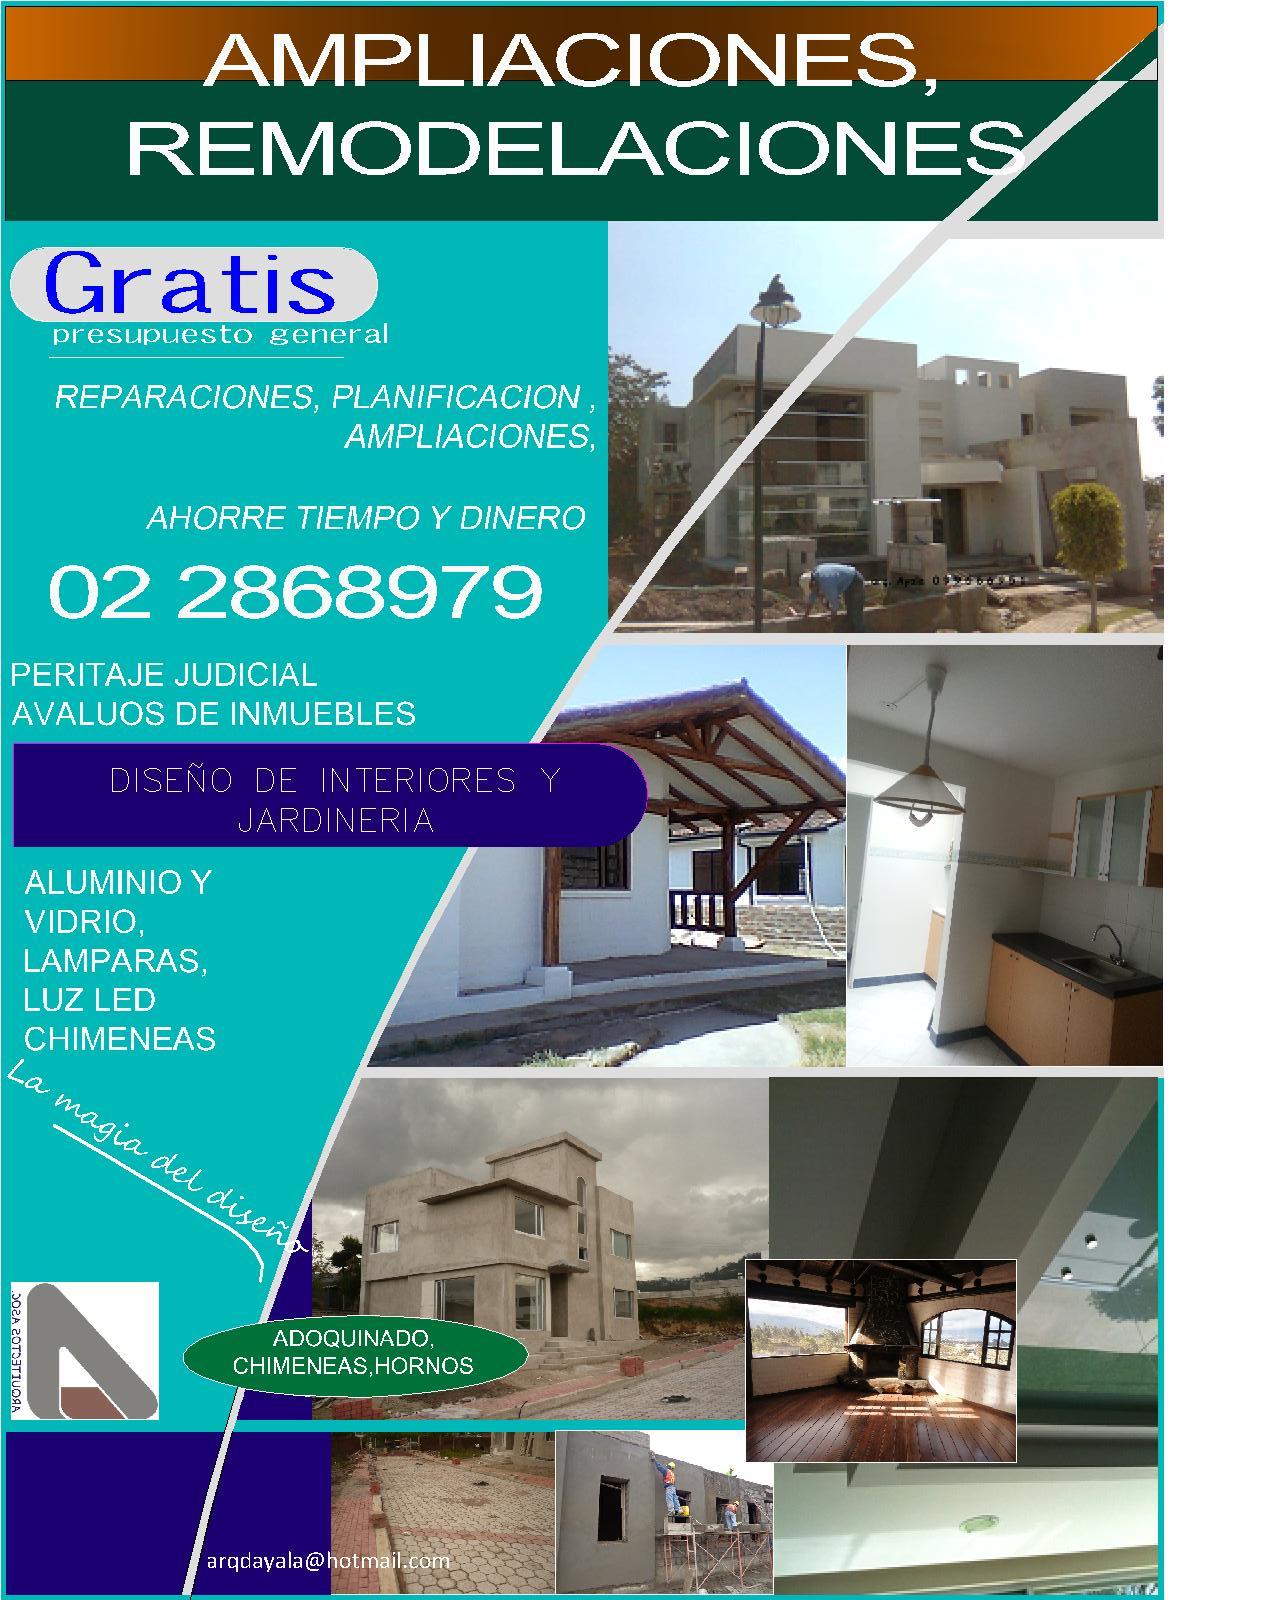 publicidad-006